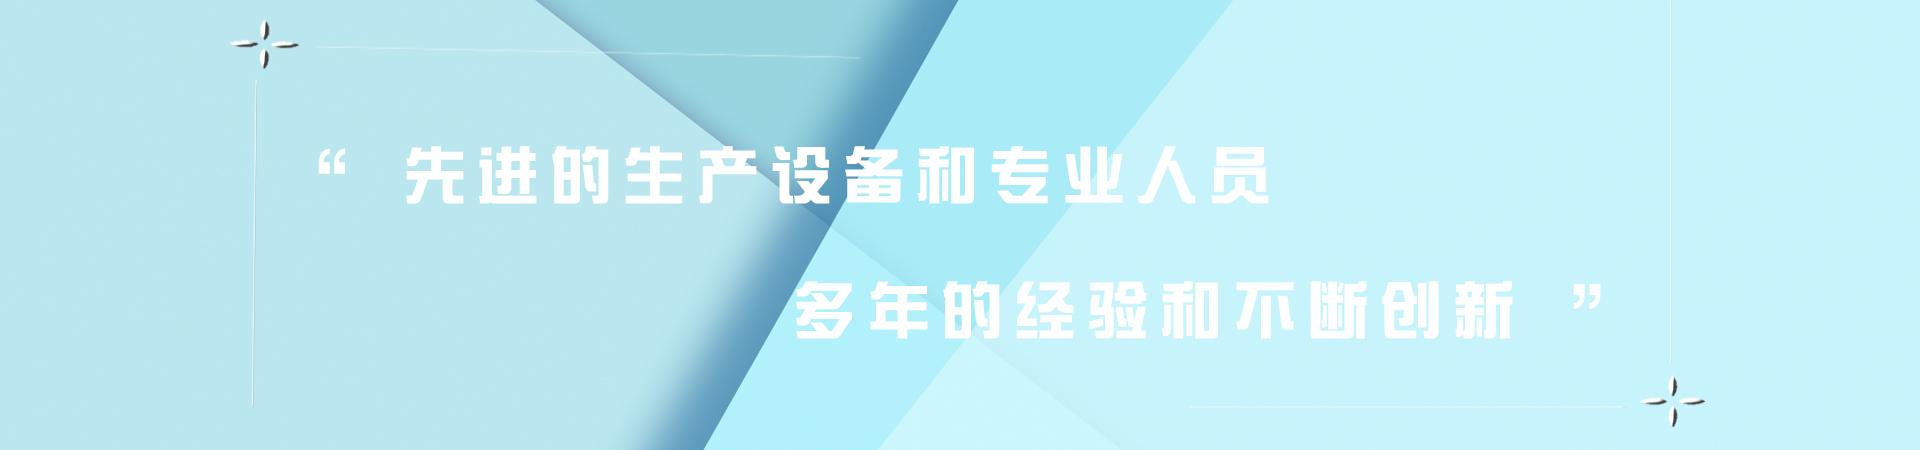 http://www.hzhysc.cn/data/upload/202007/20200714155049_658.jpg